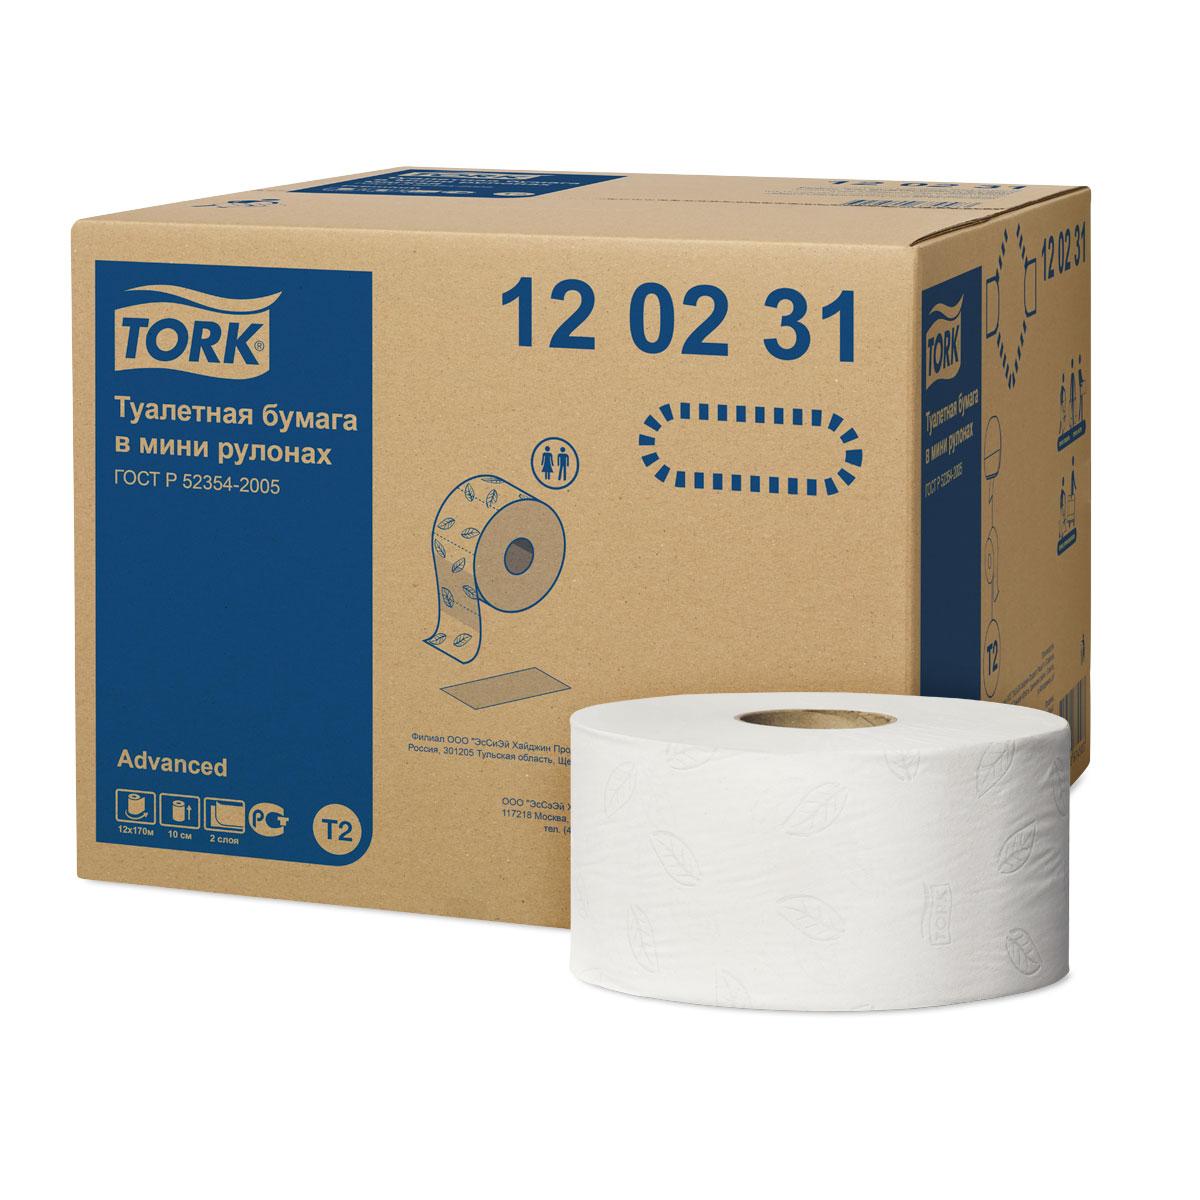 Бумага туалетная Tork, двухслойная, 12 мини-рулонов120231Двухслойная туалетная бумага Tork в мини-рулонах - оптимальное соотношение цены и качества, подходит для туалетных комнат средней и высокой проходимости. Большая емкость, благодаря чему реже требуется перезаправка. Технология цветного тиснения имеет двойную функцию и обеспечивает не только уникальные внешние свойства, но и исключительную мягкость и впитываемость бумаги за счет особого скрепления слоев. Все категории бумаги, отмеченные цветным тиснением, обеспечивают не только более привлекательный внешний вид продукции, но и большую мягкость.